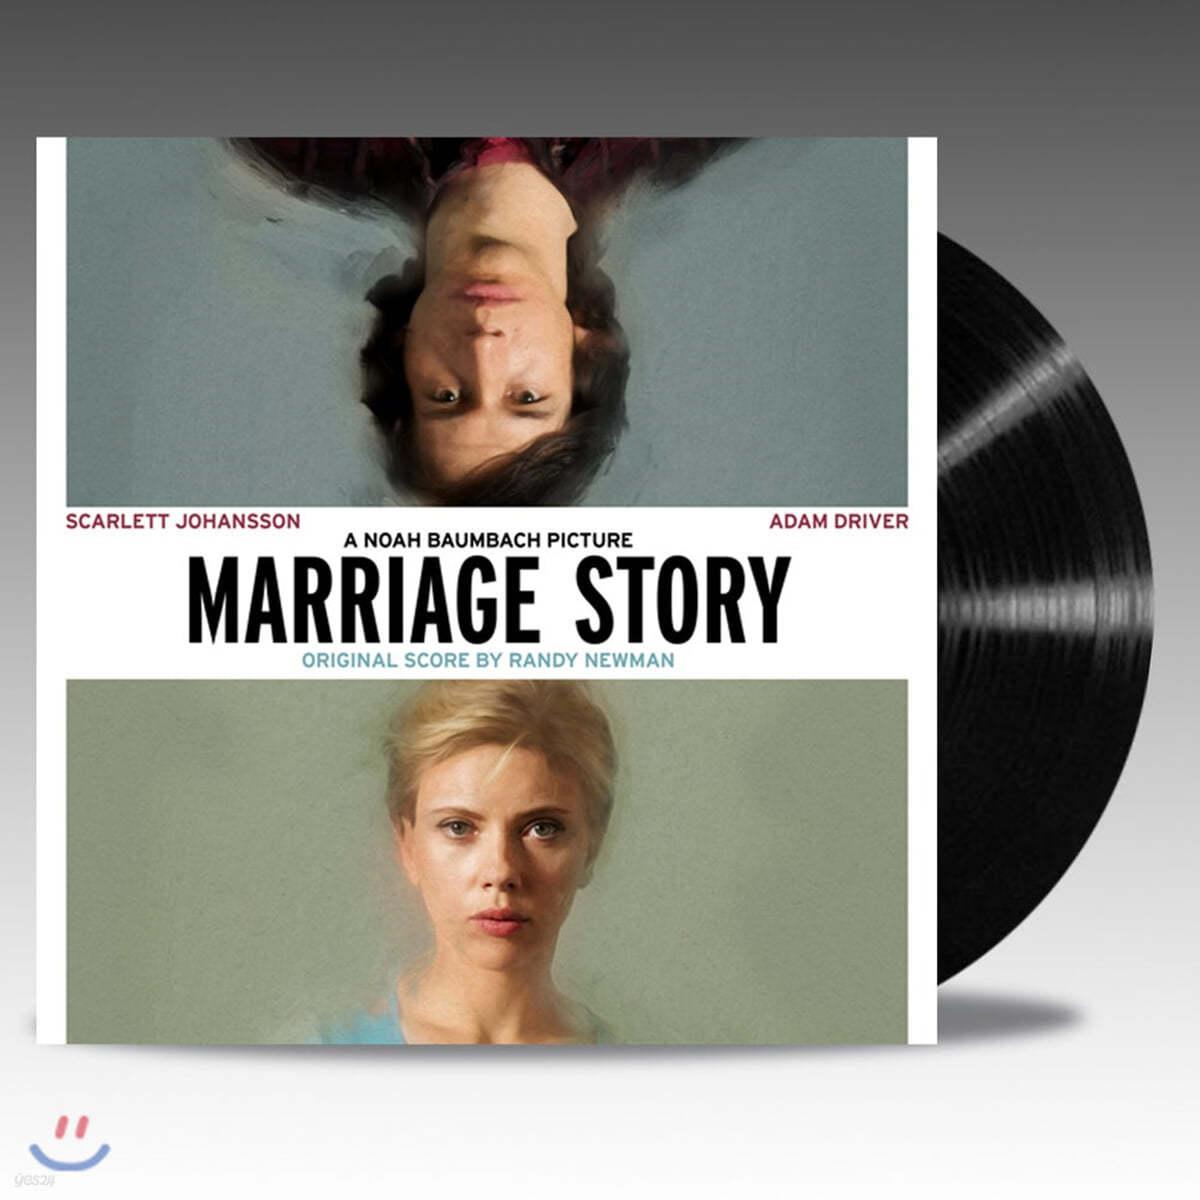 넷플릭스 `결혼 이야기` 영화음악 (Marriage Story OST by Randy Newman) [LP]